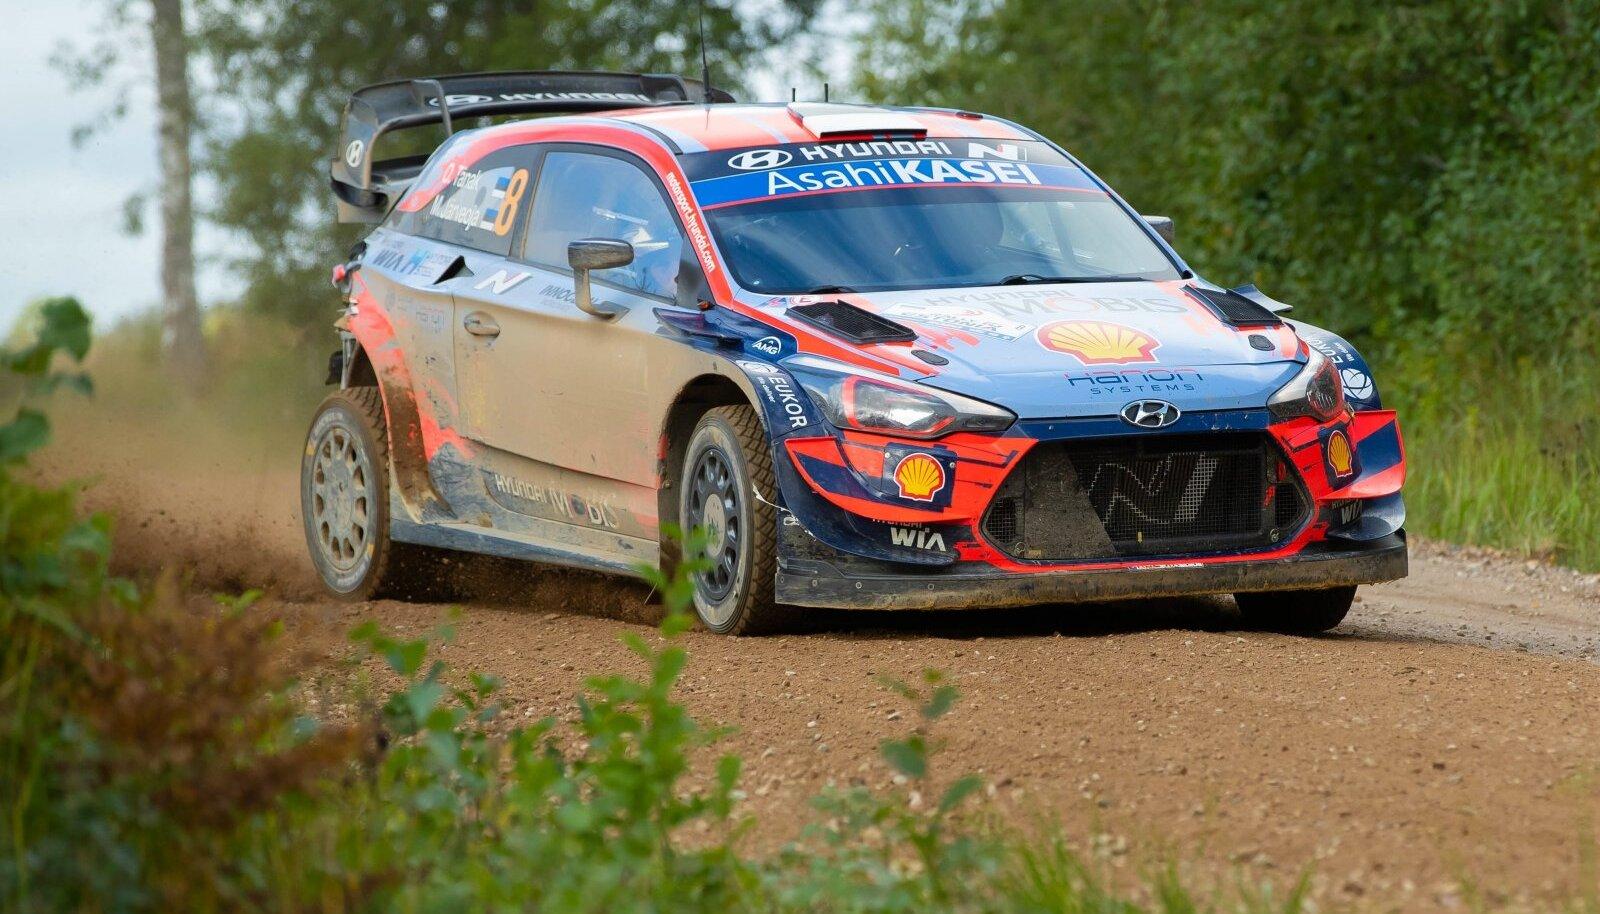 Eesti sai WRC-etapi korraldamisega hakkama, loodetavasti avaneb võimalus ka Lätil.